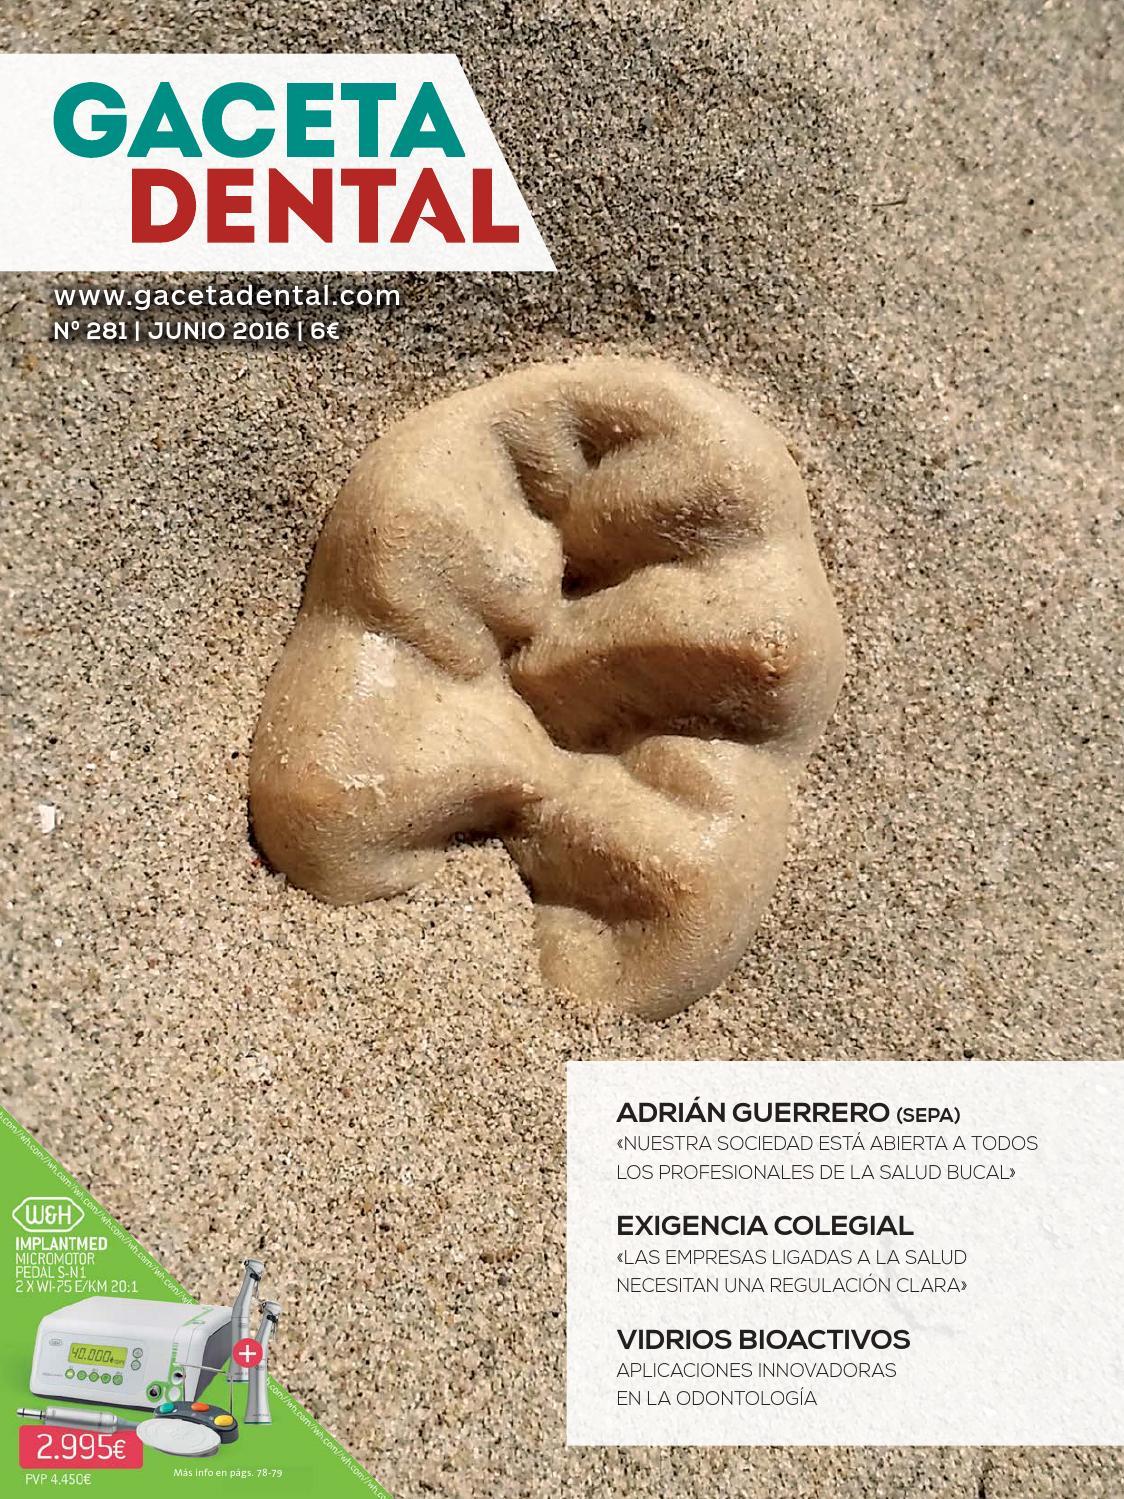 Gaceta Dental - 281 by Peldaño - issuu